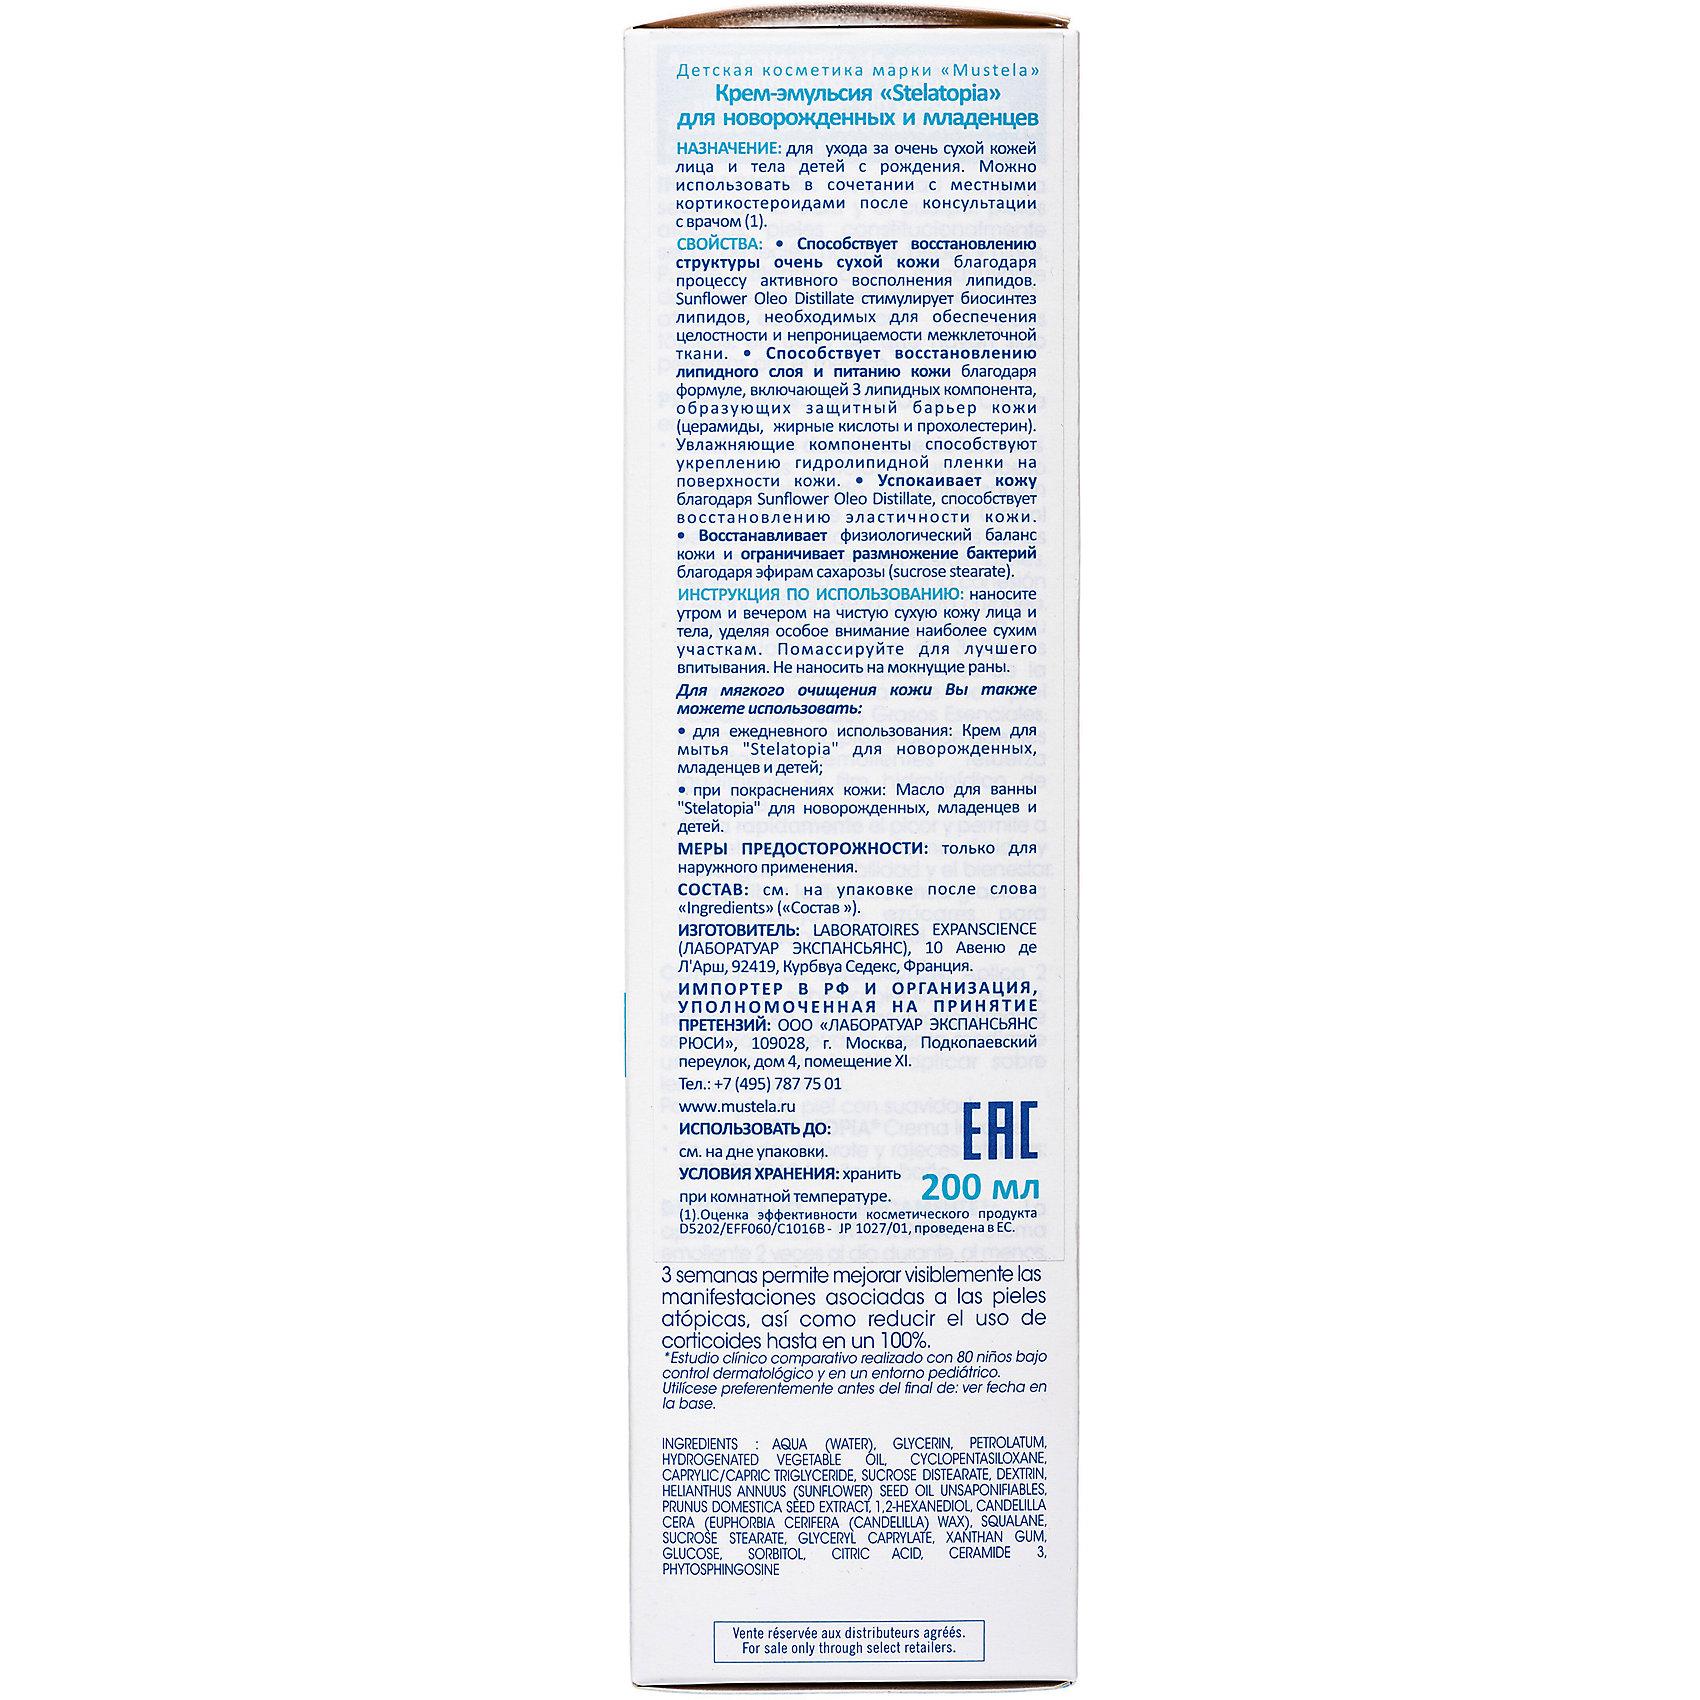 Крем-эмульсия Stelatopia для новорожденных и младенцев, 200 мл., Mustela